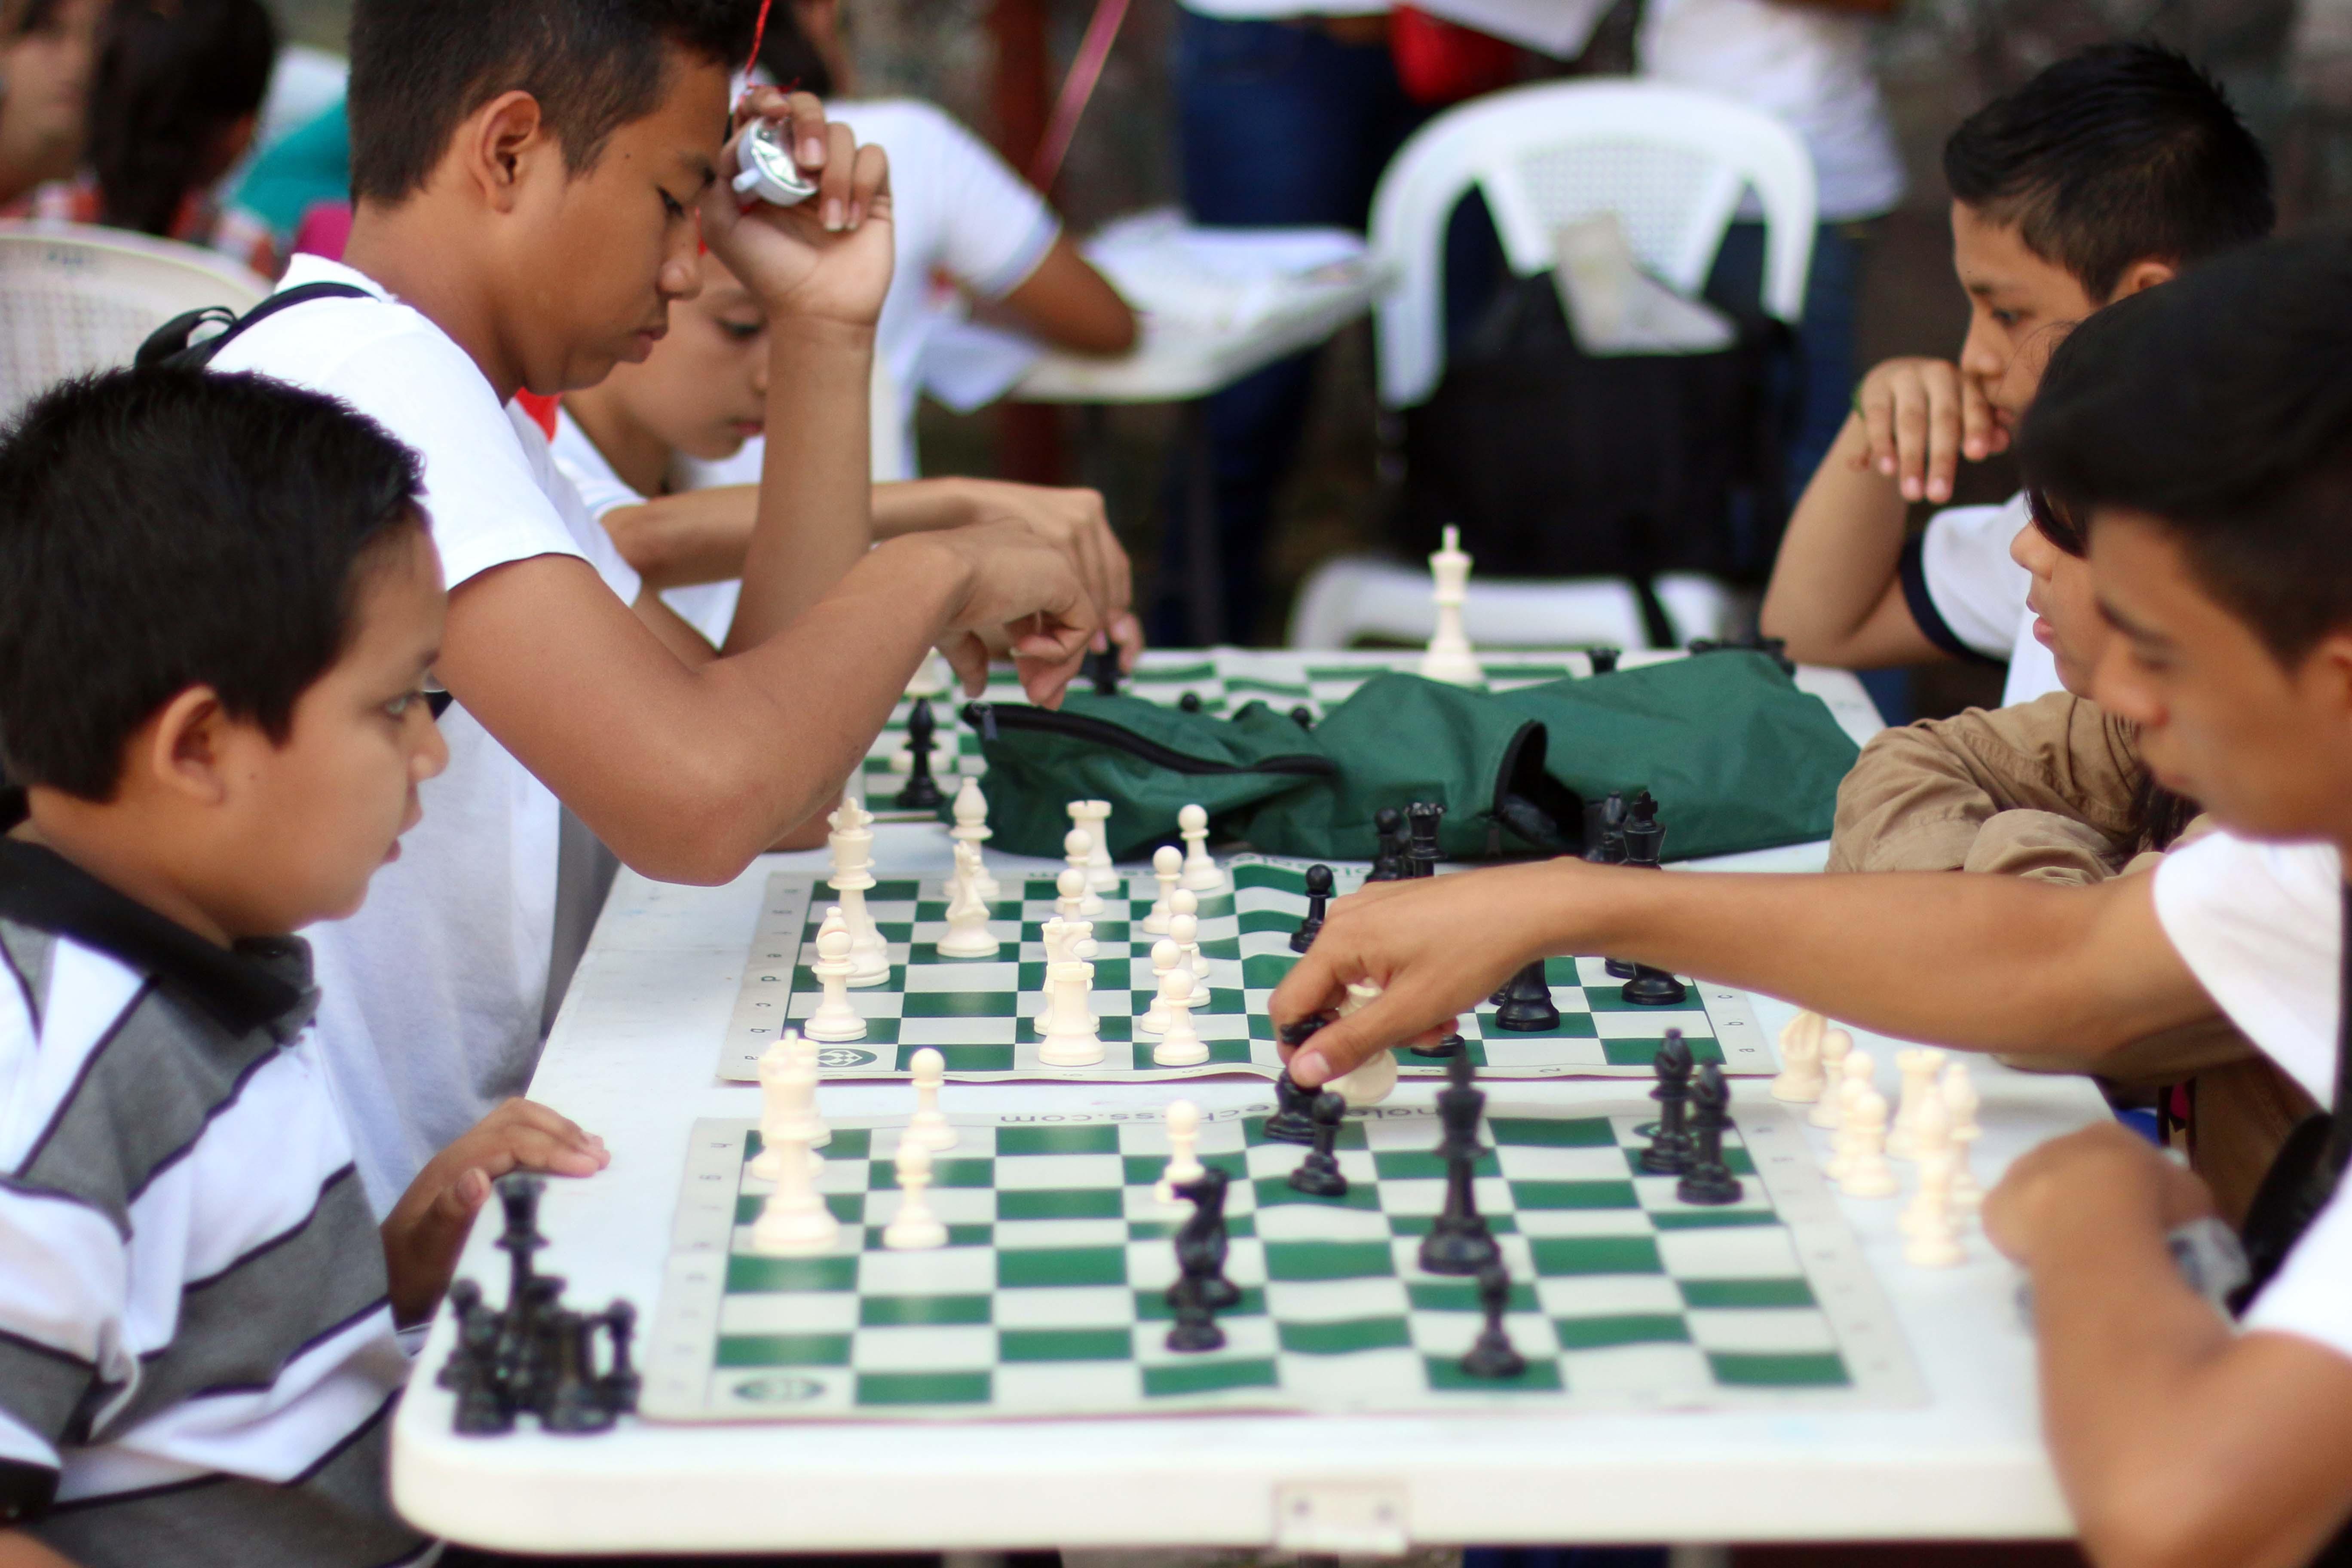 Cruz Roja Salvadoreña promueve derecho a la recreación y sano esparcimiento en jóvenes